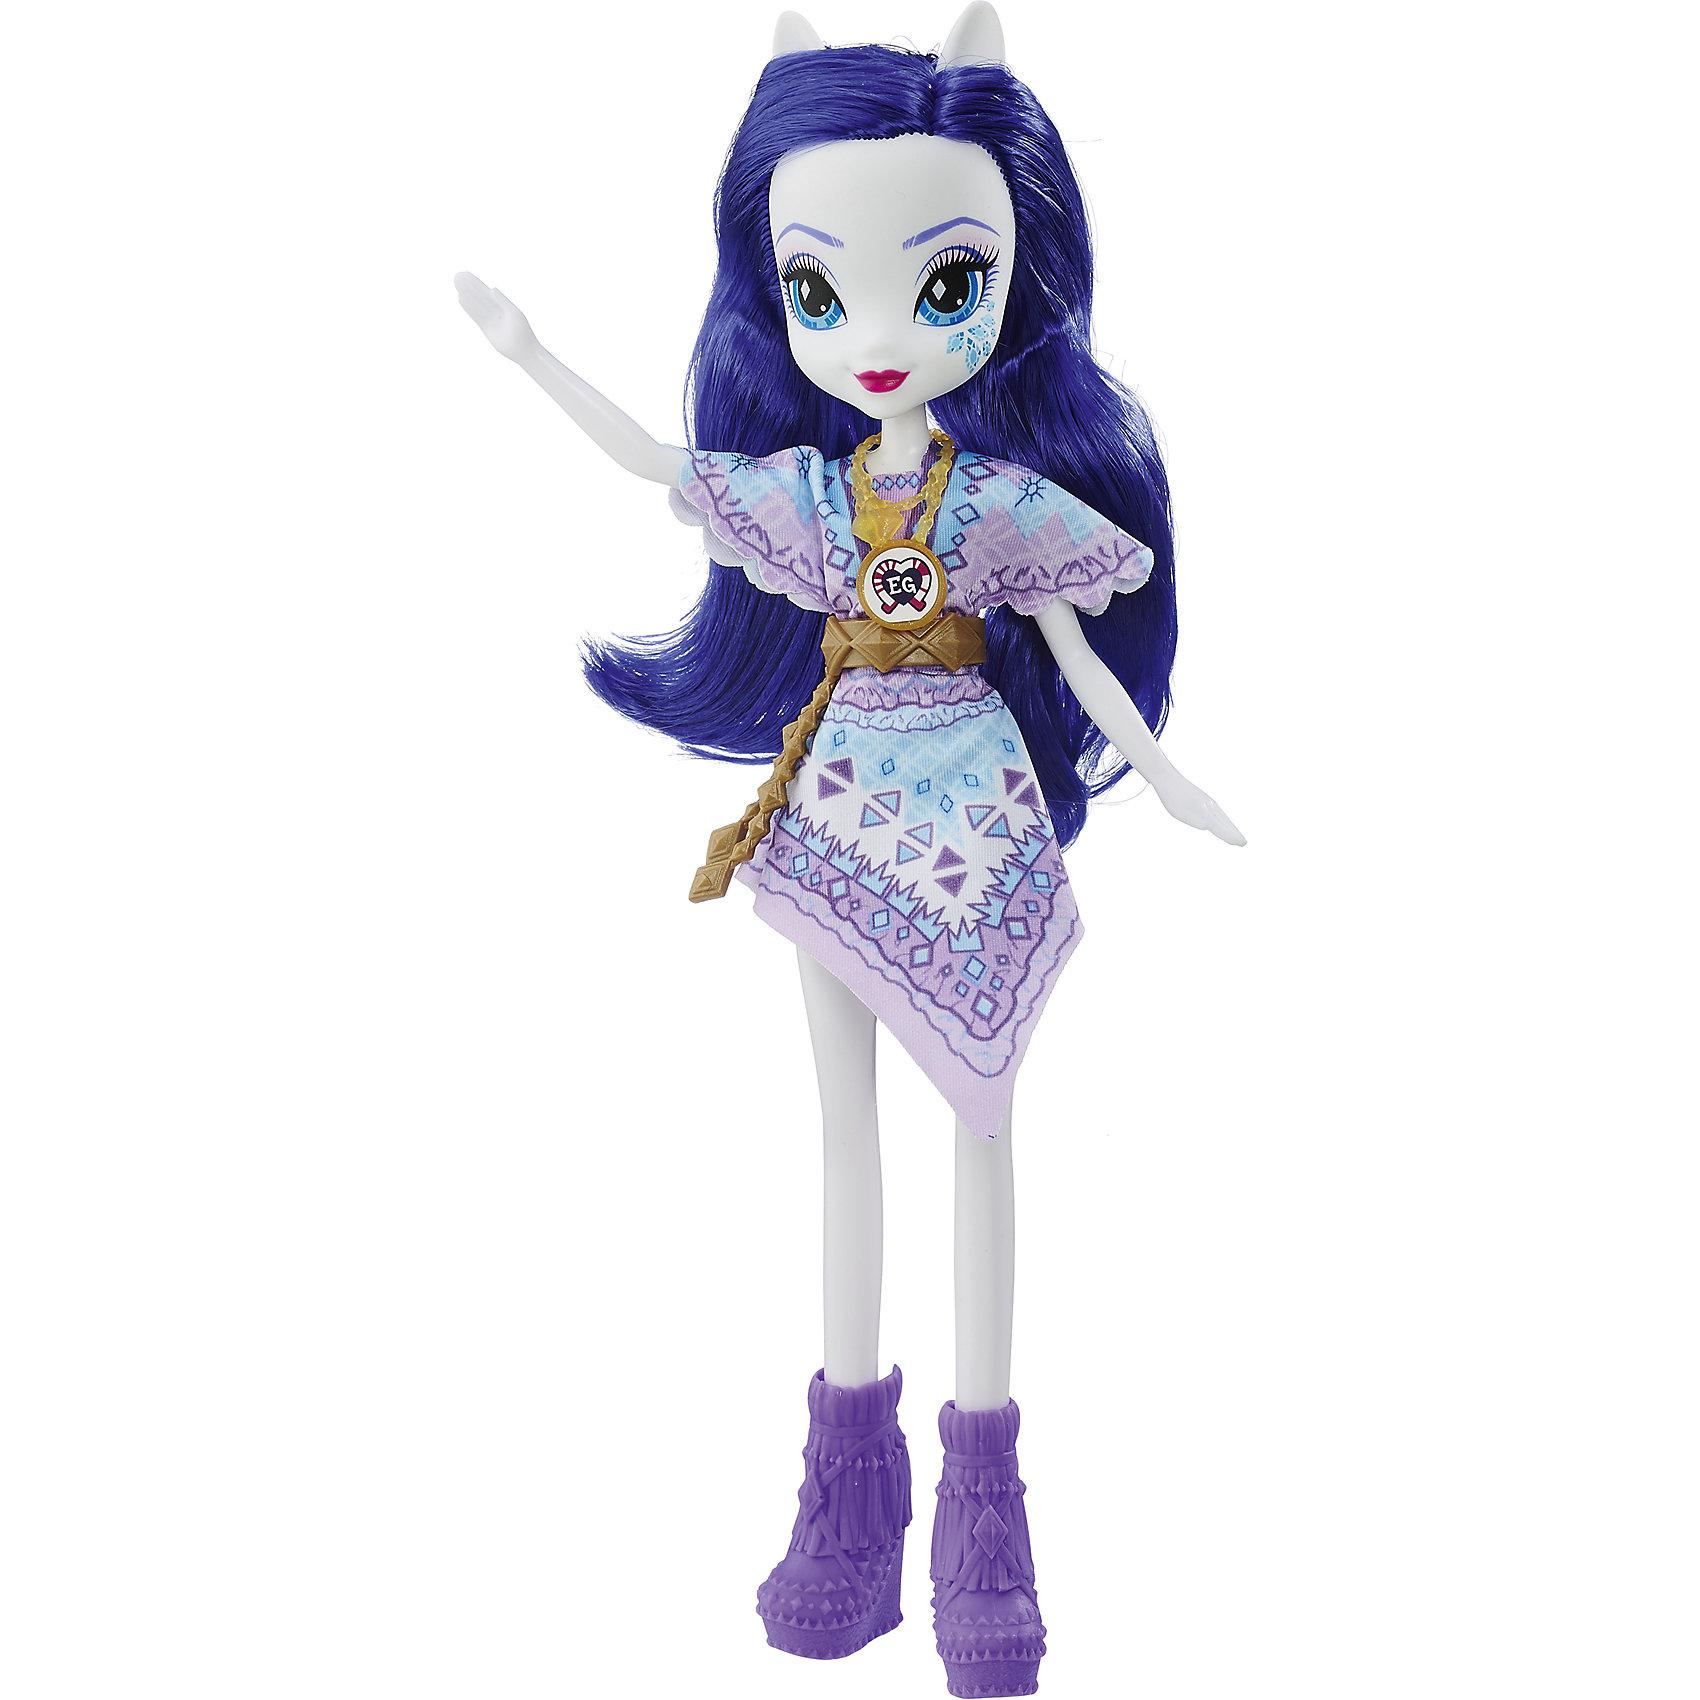 Кукла Эквестрия Герлз Легенды вечнозеленого леса - РаритиКуклы-модели<br>Характеристики:<br><br>• возраст: от 5 лет;<br>• материал: пластик;<br>• в комплекте: кукла, наряд, ожерелье;<br>• высота куклы: 22 см;<br>• размер упаковки: 33,5х14х5 см;<br>• вес упаковки: 200 гр.;<br>• страна производитель: Китай.<br><br>Кукла «Легенда Вечнозеленого леса» Hasbro — героиня известного мультсериала «Мой маленький пони. Девочки из Эквестрии» Рарити. Она одета в сиреневое платье с принтом. У куклы выразительные голубые глаза и длинные мягкие фиолетовые волосы. Дополняет образ Рарити необычное ожерелье. На ожерелье имеется код, который поможет разблокировать увлекательную игру в приложении Equestria Girls.<br><br>Куклу «Легенда Вечнозеленого леса» Hasbro можно приобрести в нашем интернет-магазине.<br><br>Ширина мм: 50<br>Глубина мм: 140<br>Высота мм: 335<br>Вес г: 200<br>Возраст от месяцев: 60<br>Возраст до месяцев: 2147483647<br>Пол: Женский<br>Возраст: Детский<br>SKU: 6753137